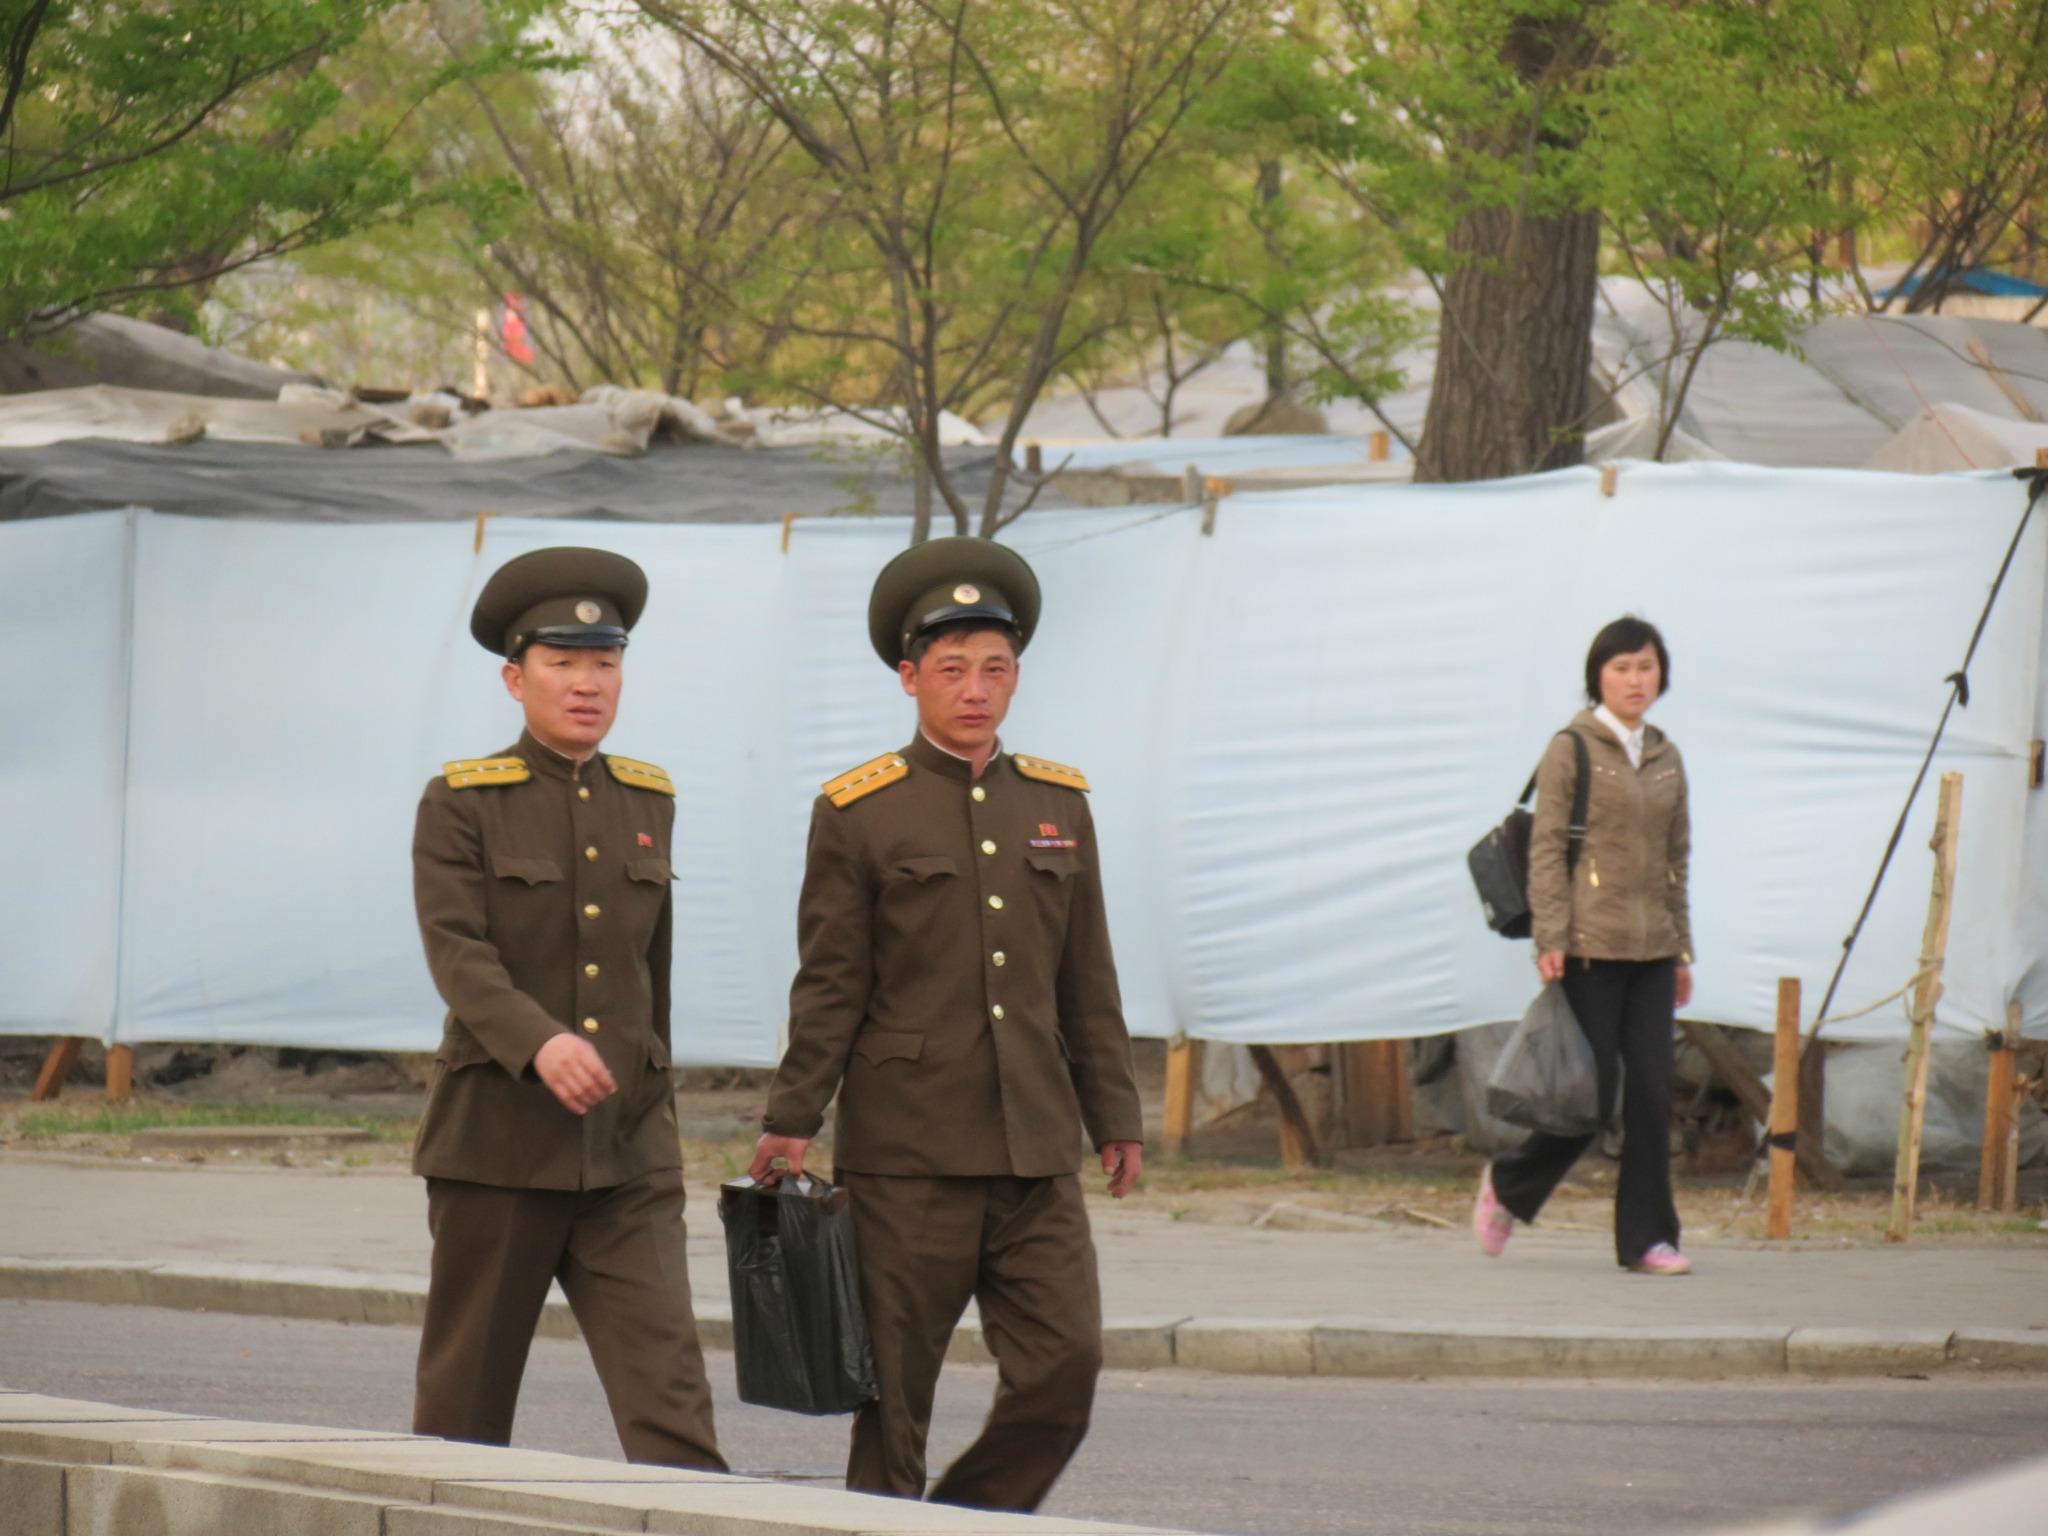 图为朝鲜新义州的街头,两名模样大全的人走在路上.无锡洗浴中心军官攻略图片